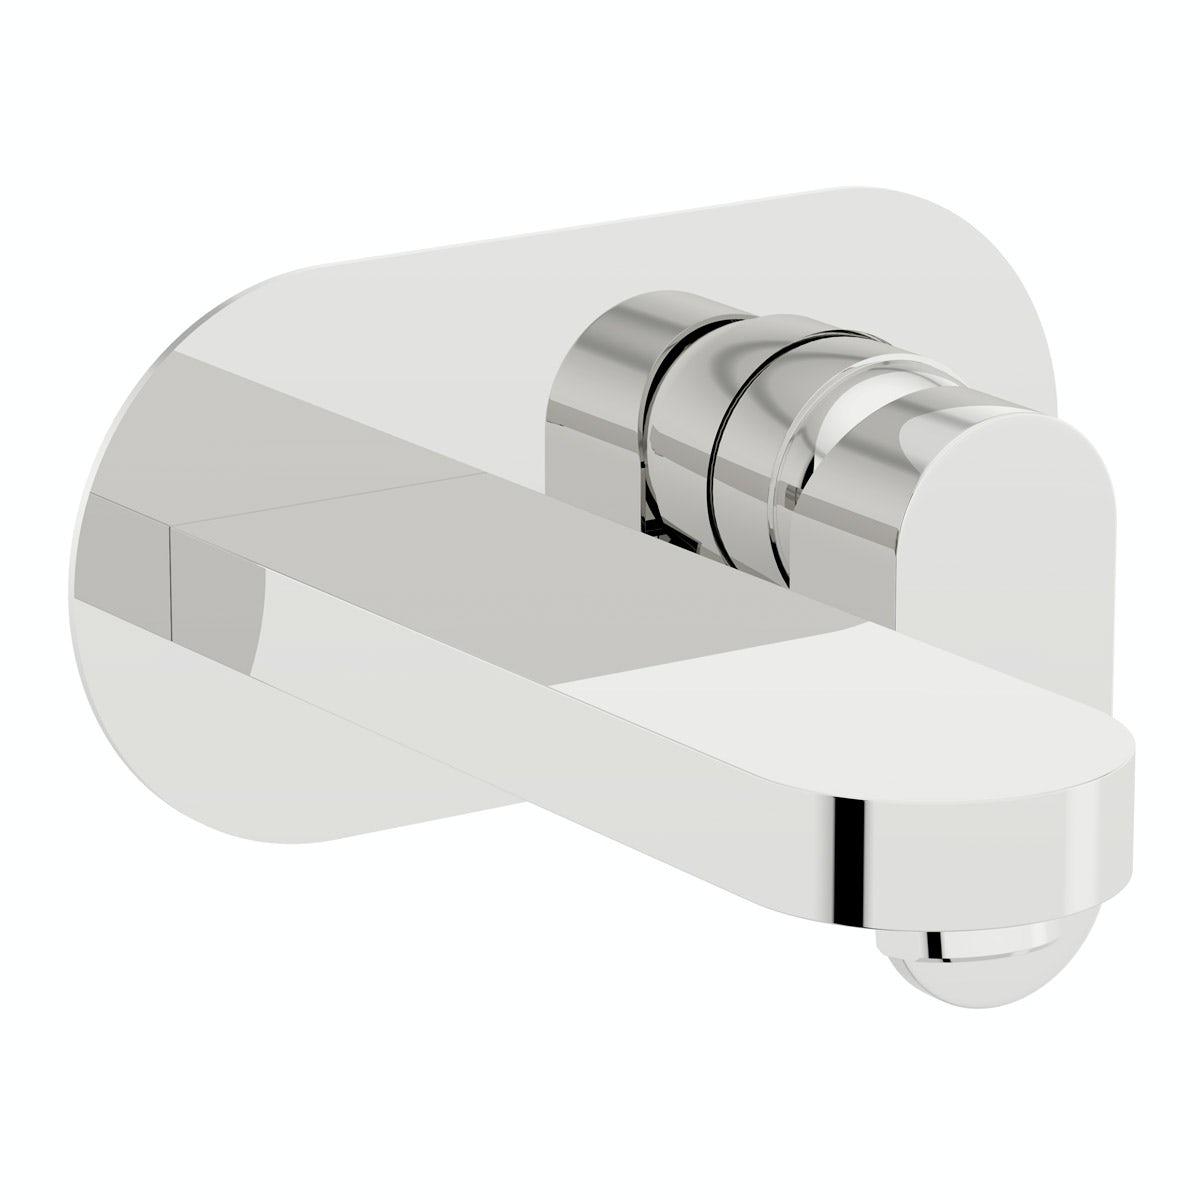 Erith wall mounted basin mixer tap